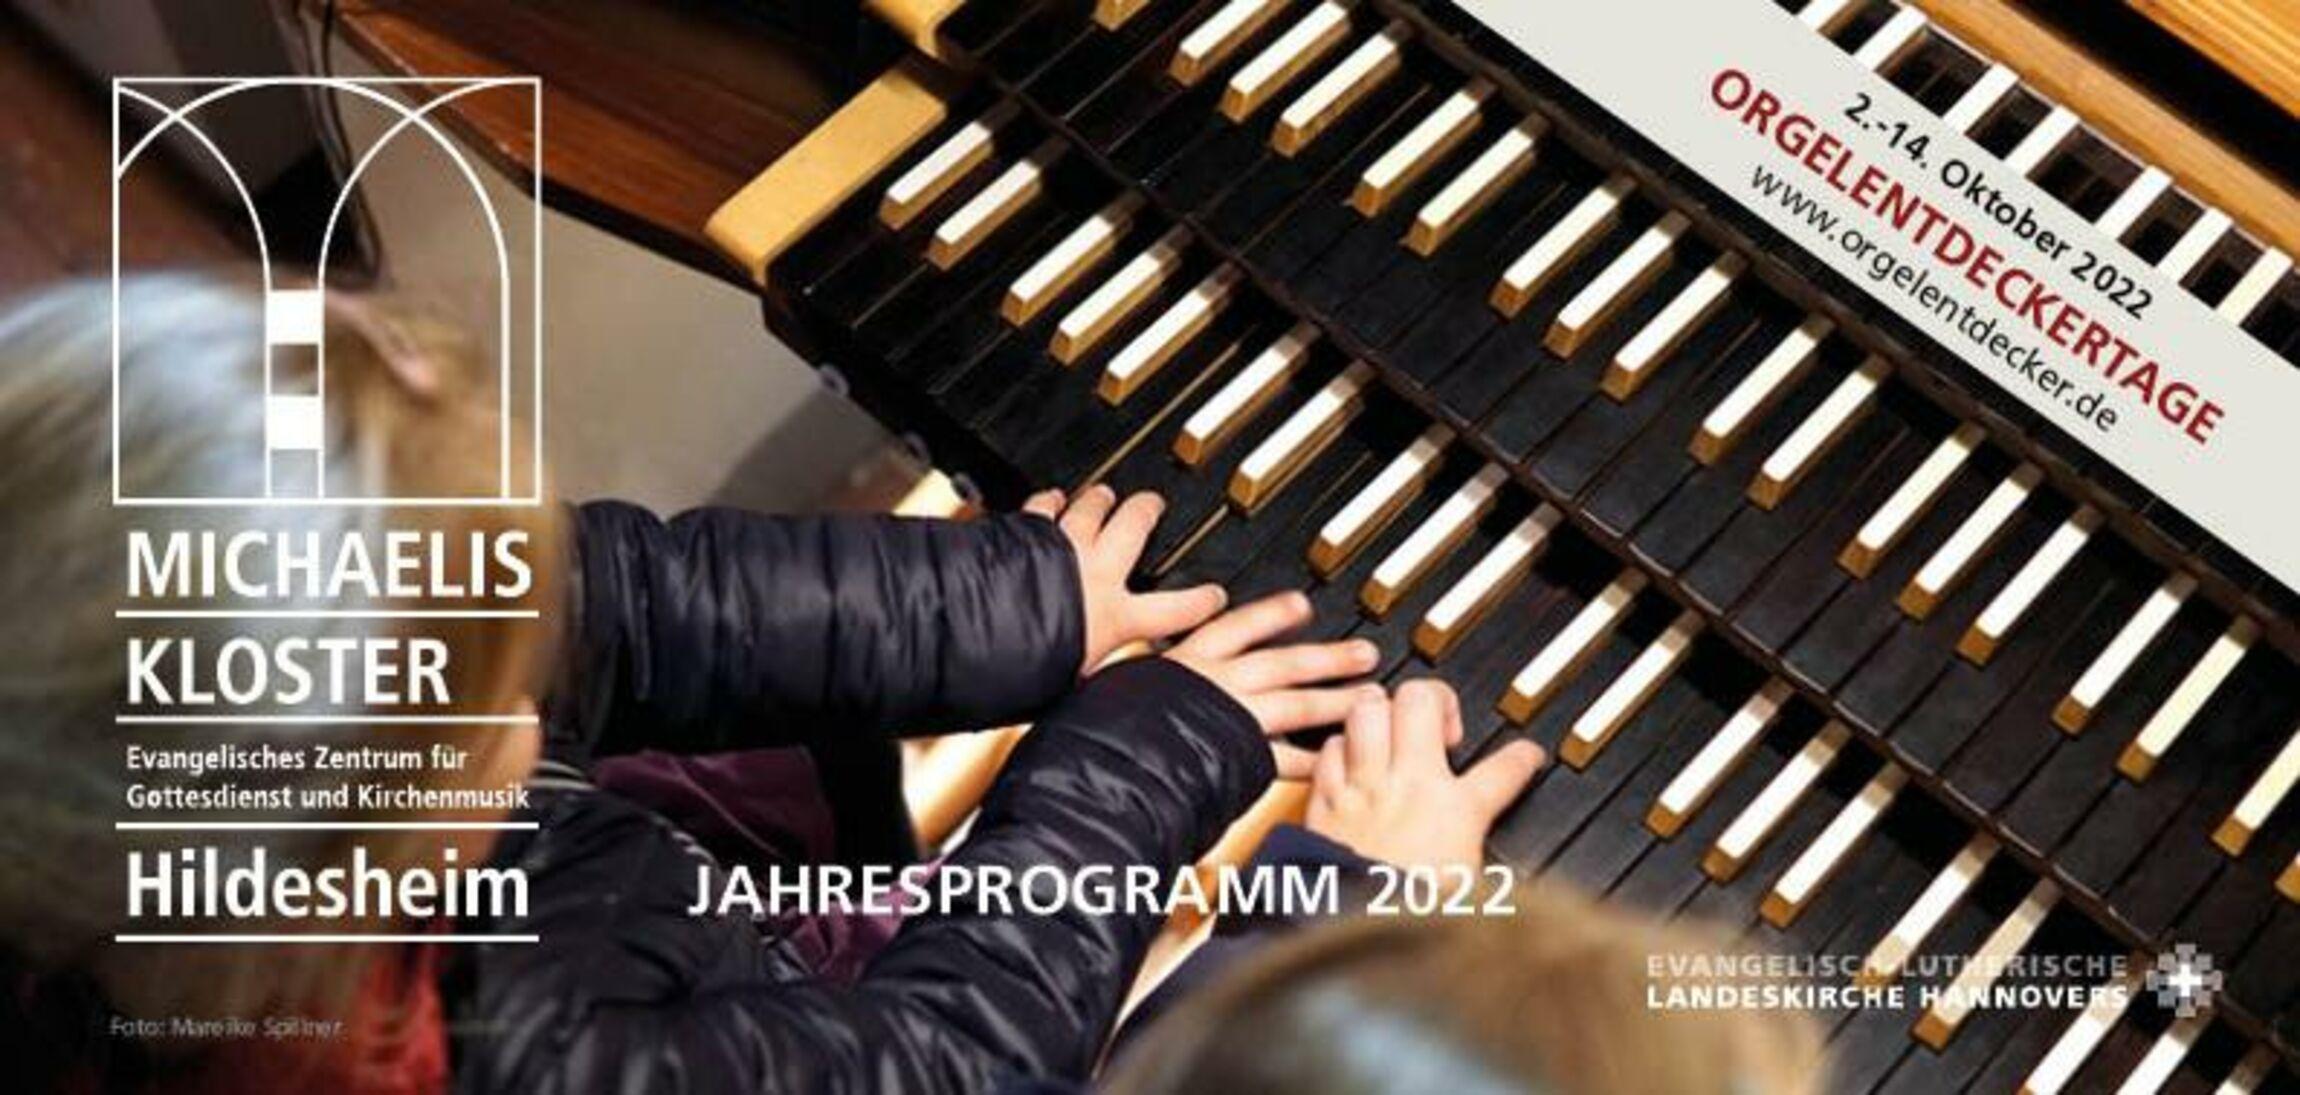 Jahresprogramm 2022